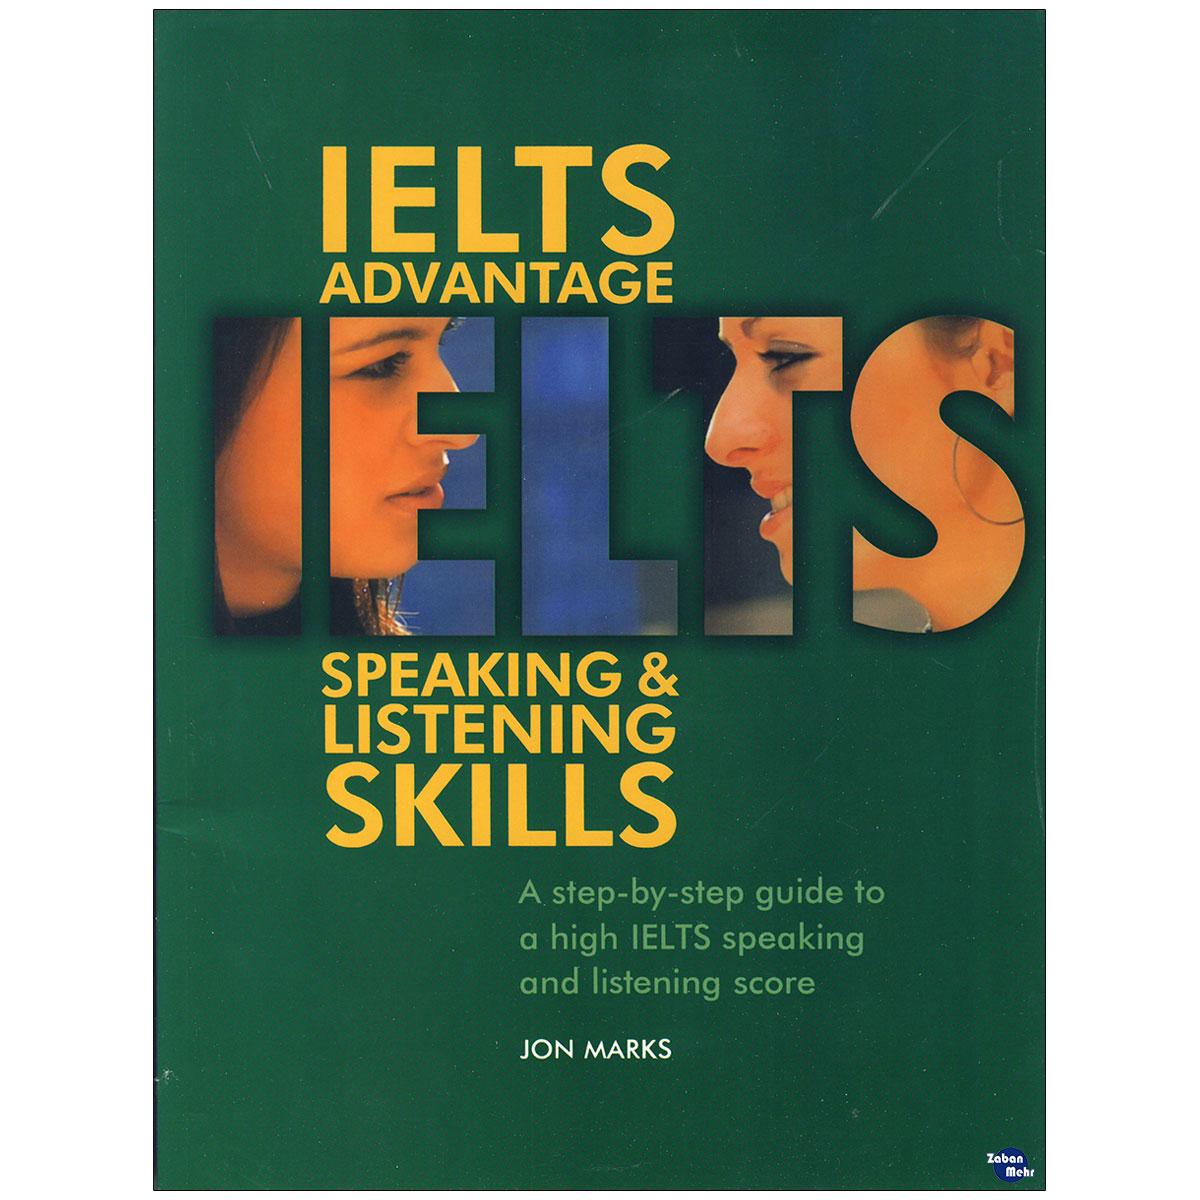 خرید                      کتاب IELTS Advantage Speaking and Listening Skills اثر Jon Marks انتشارات زبان مهر